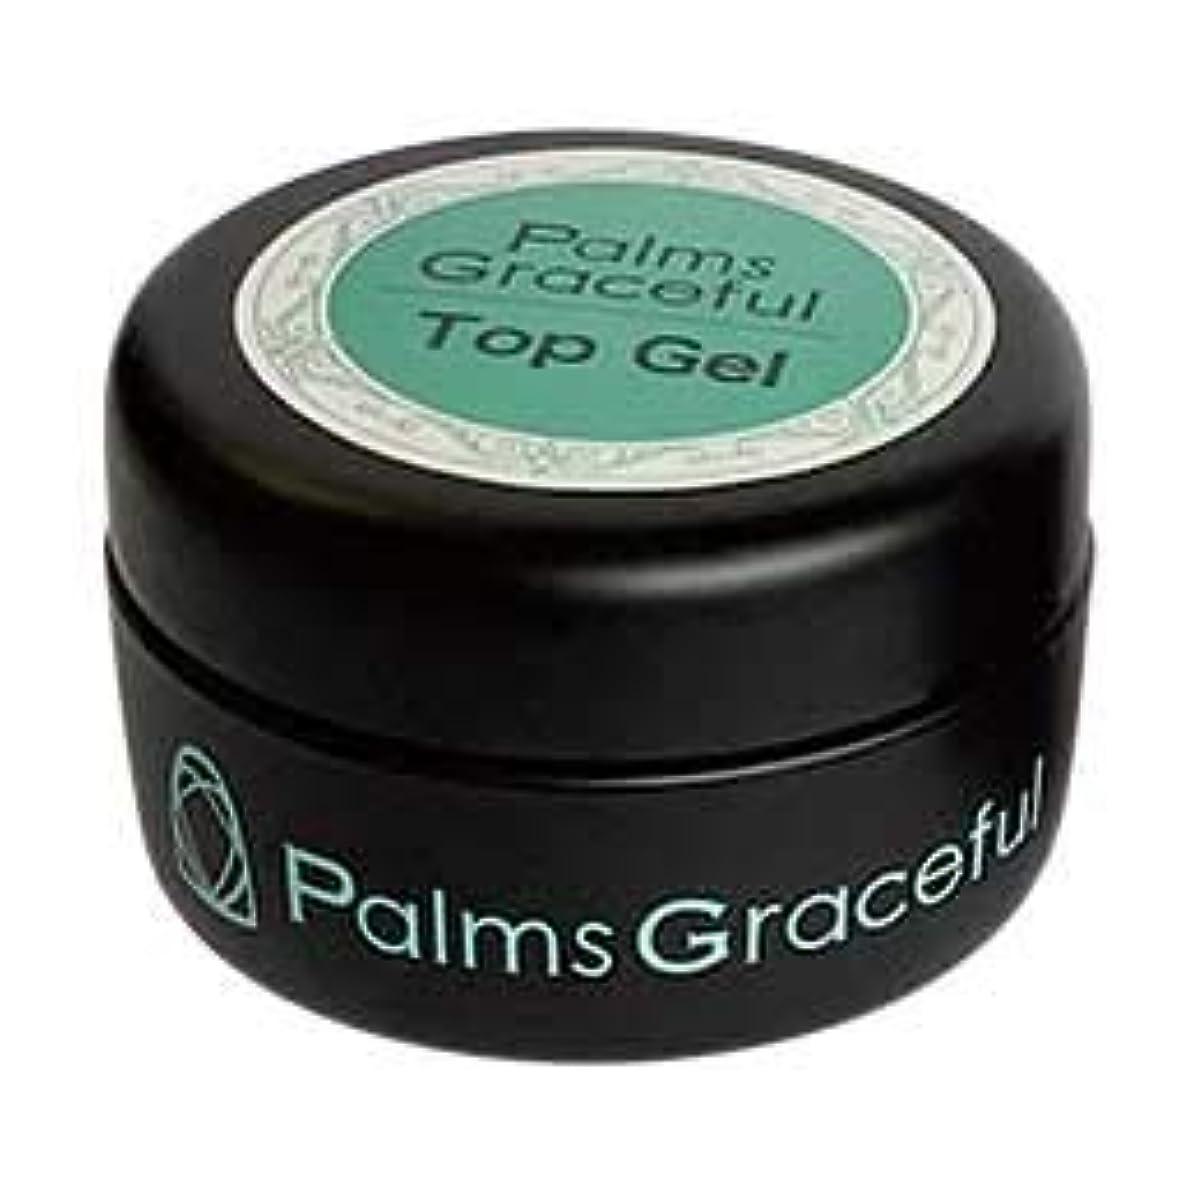 パワー広がり記事Palms Graceful トップジェル 25g